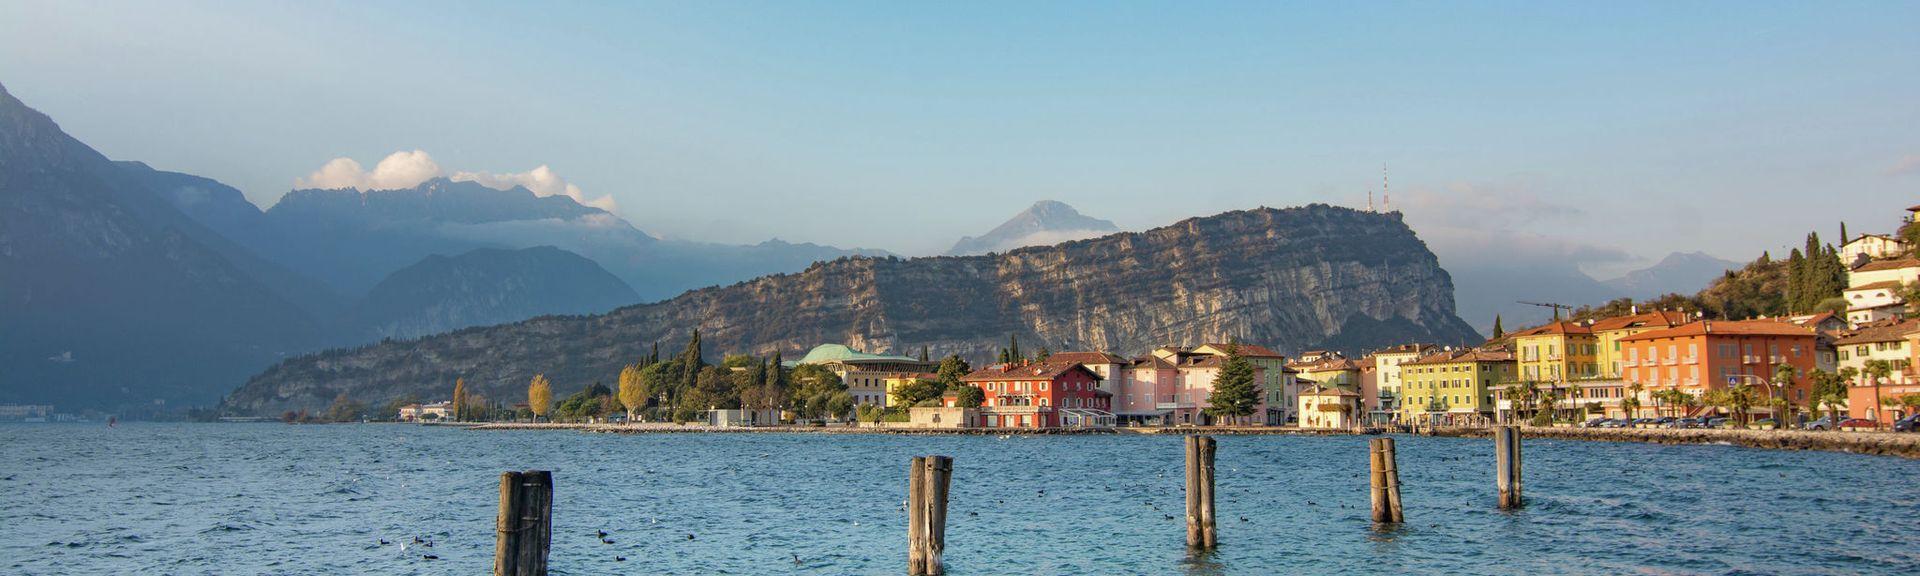 Illasi, Veneto, Italy